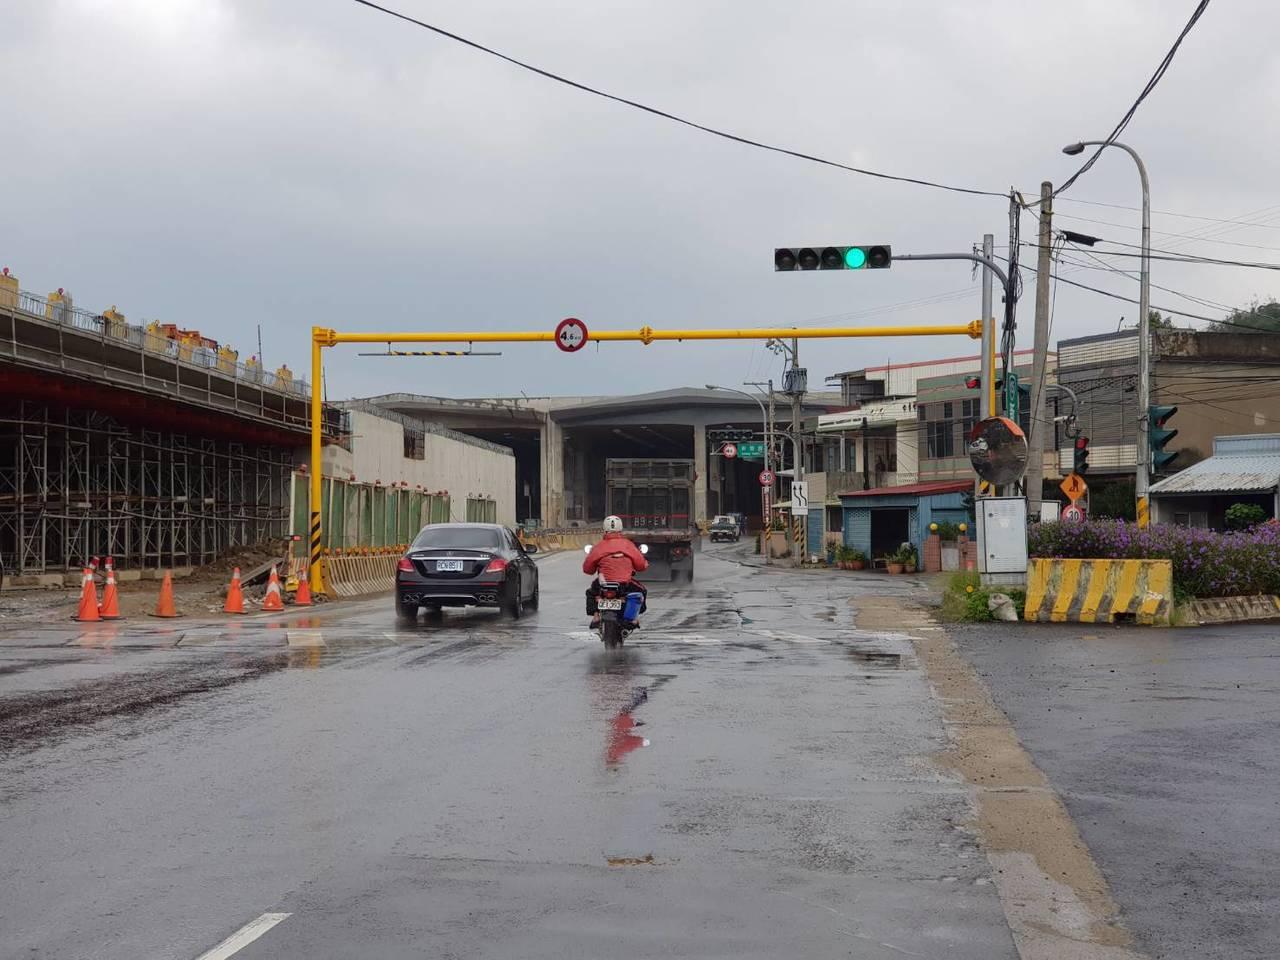 鳳鼻隧道第1孔道前設有門架式禁制標誌,限高4.6公尺,常遭超高的大型車撞壞,闖入...